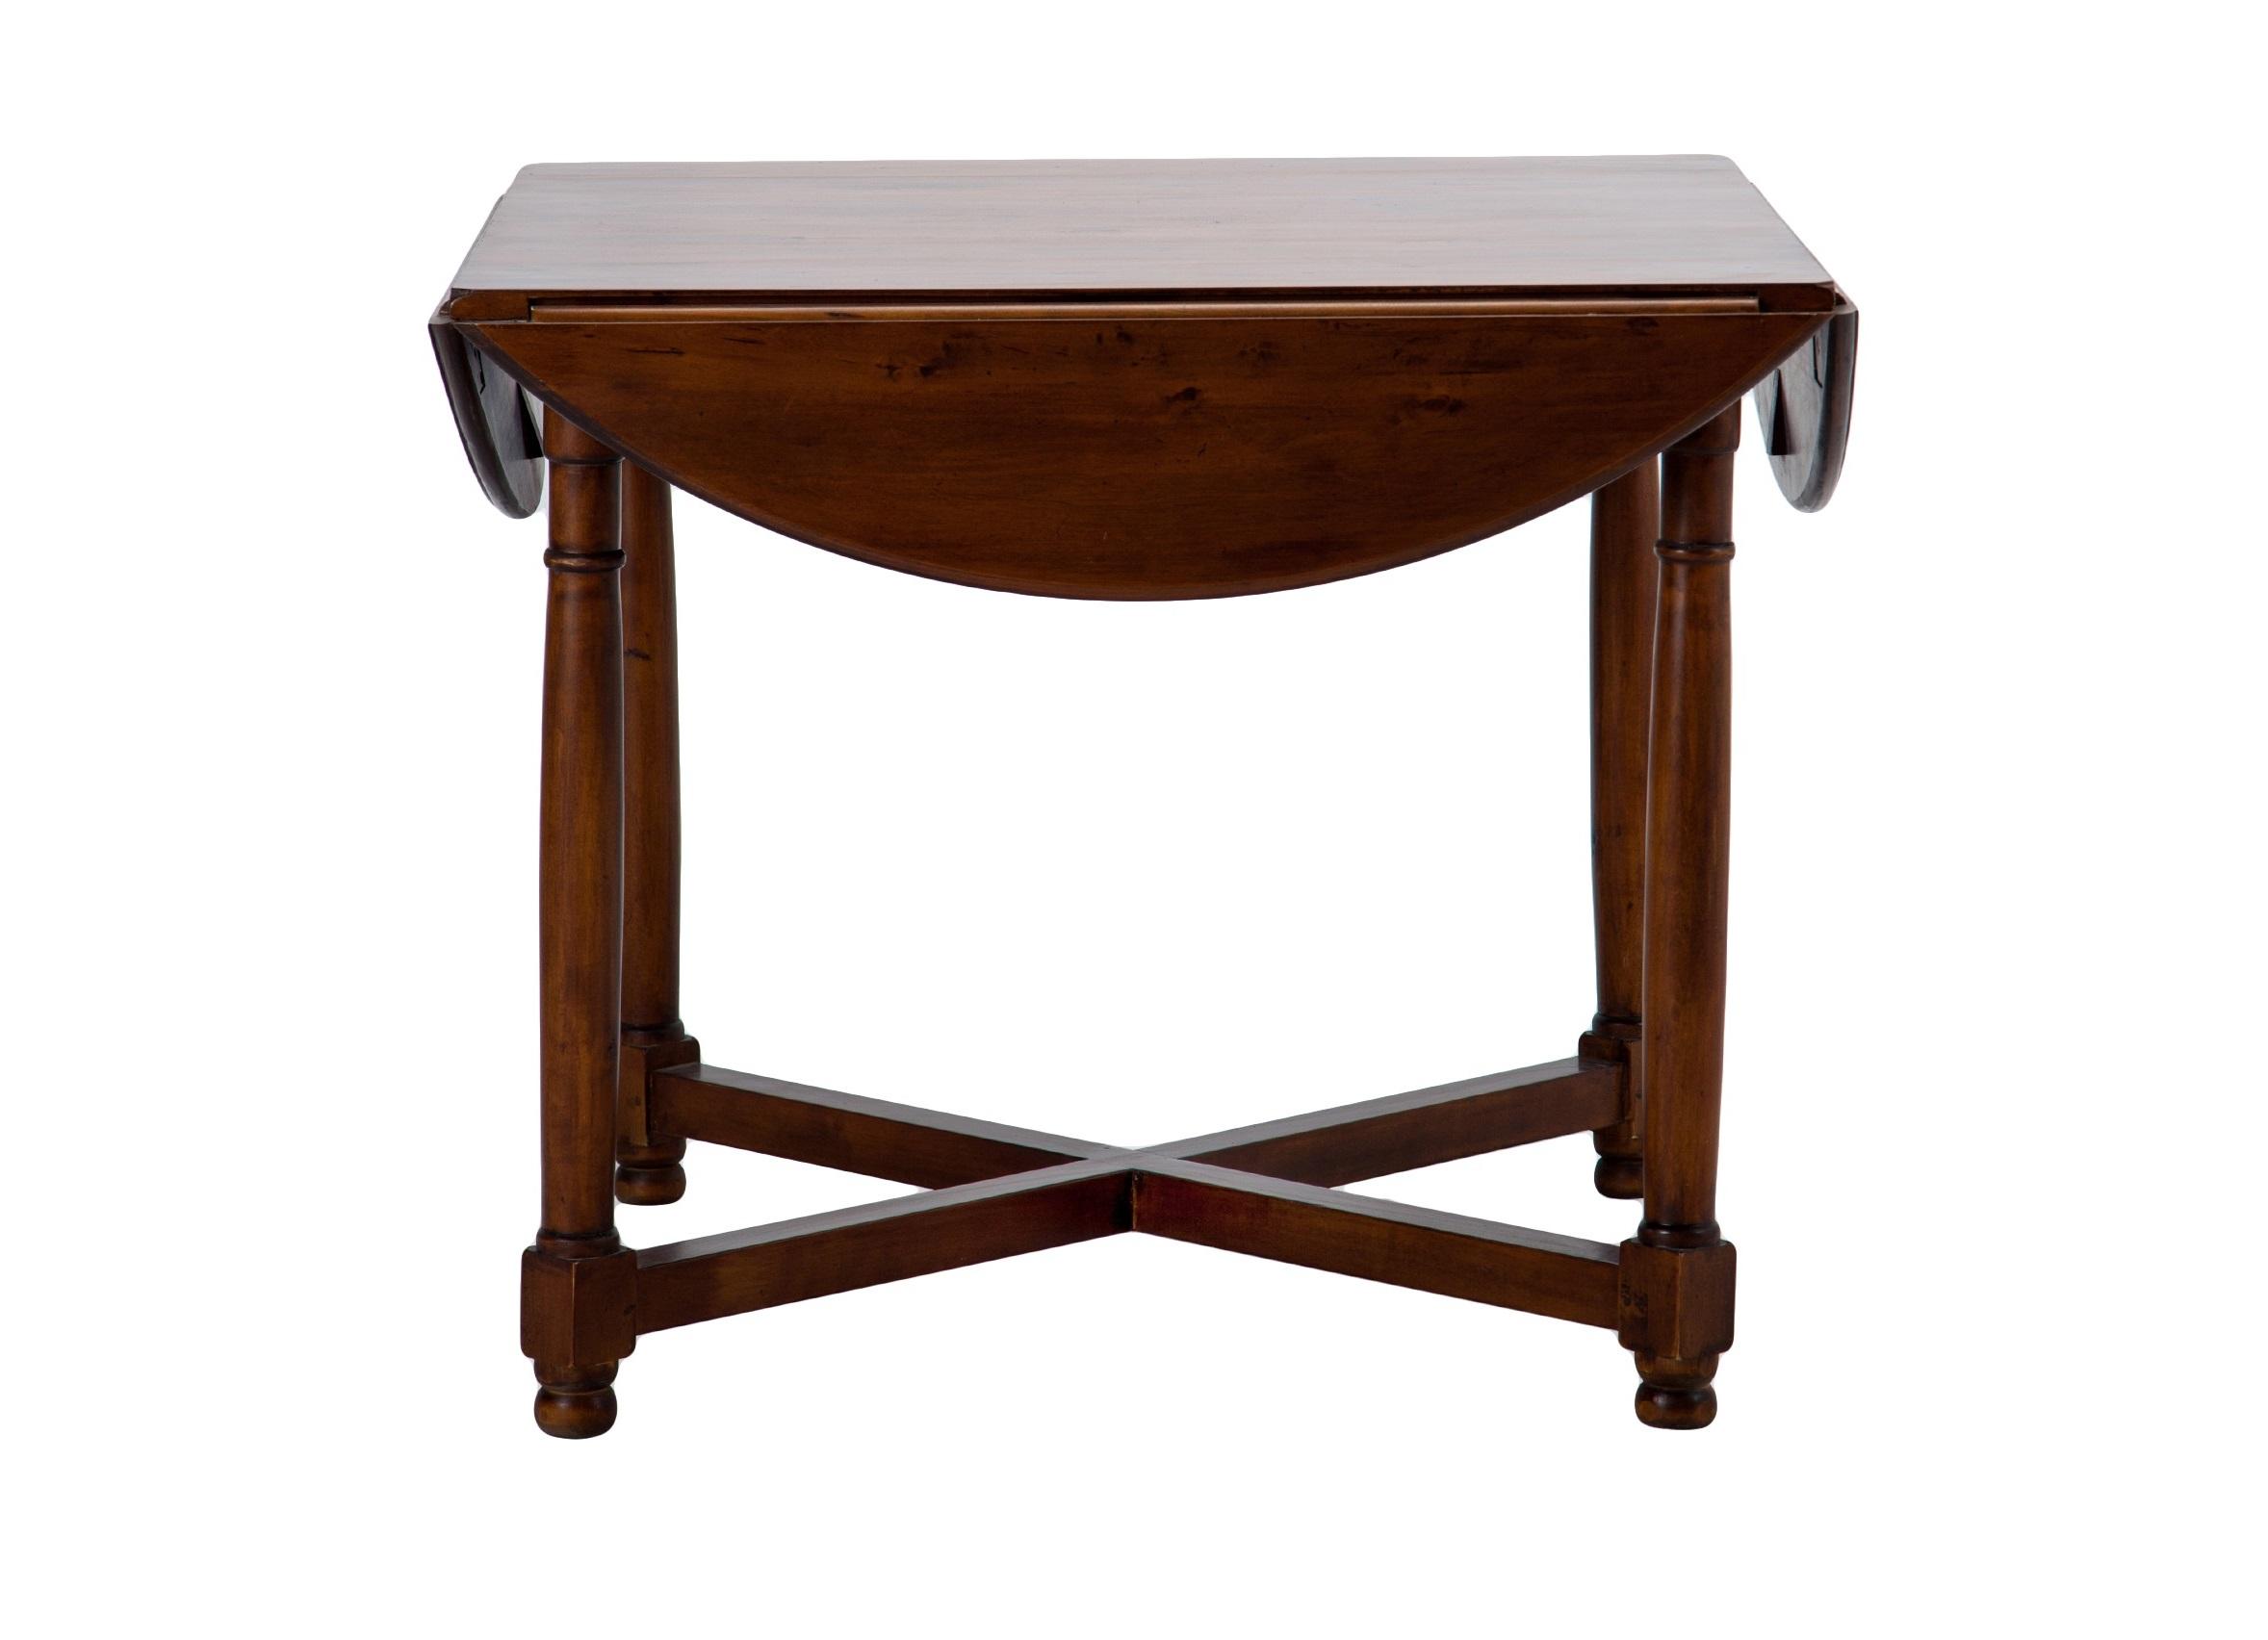 Стол обеденныйОбеденные столы<br>Стол обеденный круглый на четырех ножках из березы, складывается в квадратный.<br><br>Material: Береза<br>Height см: 77<br>Diameter см: 127